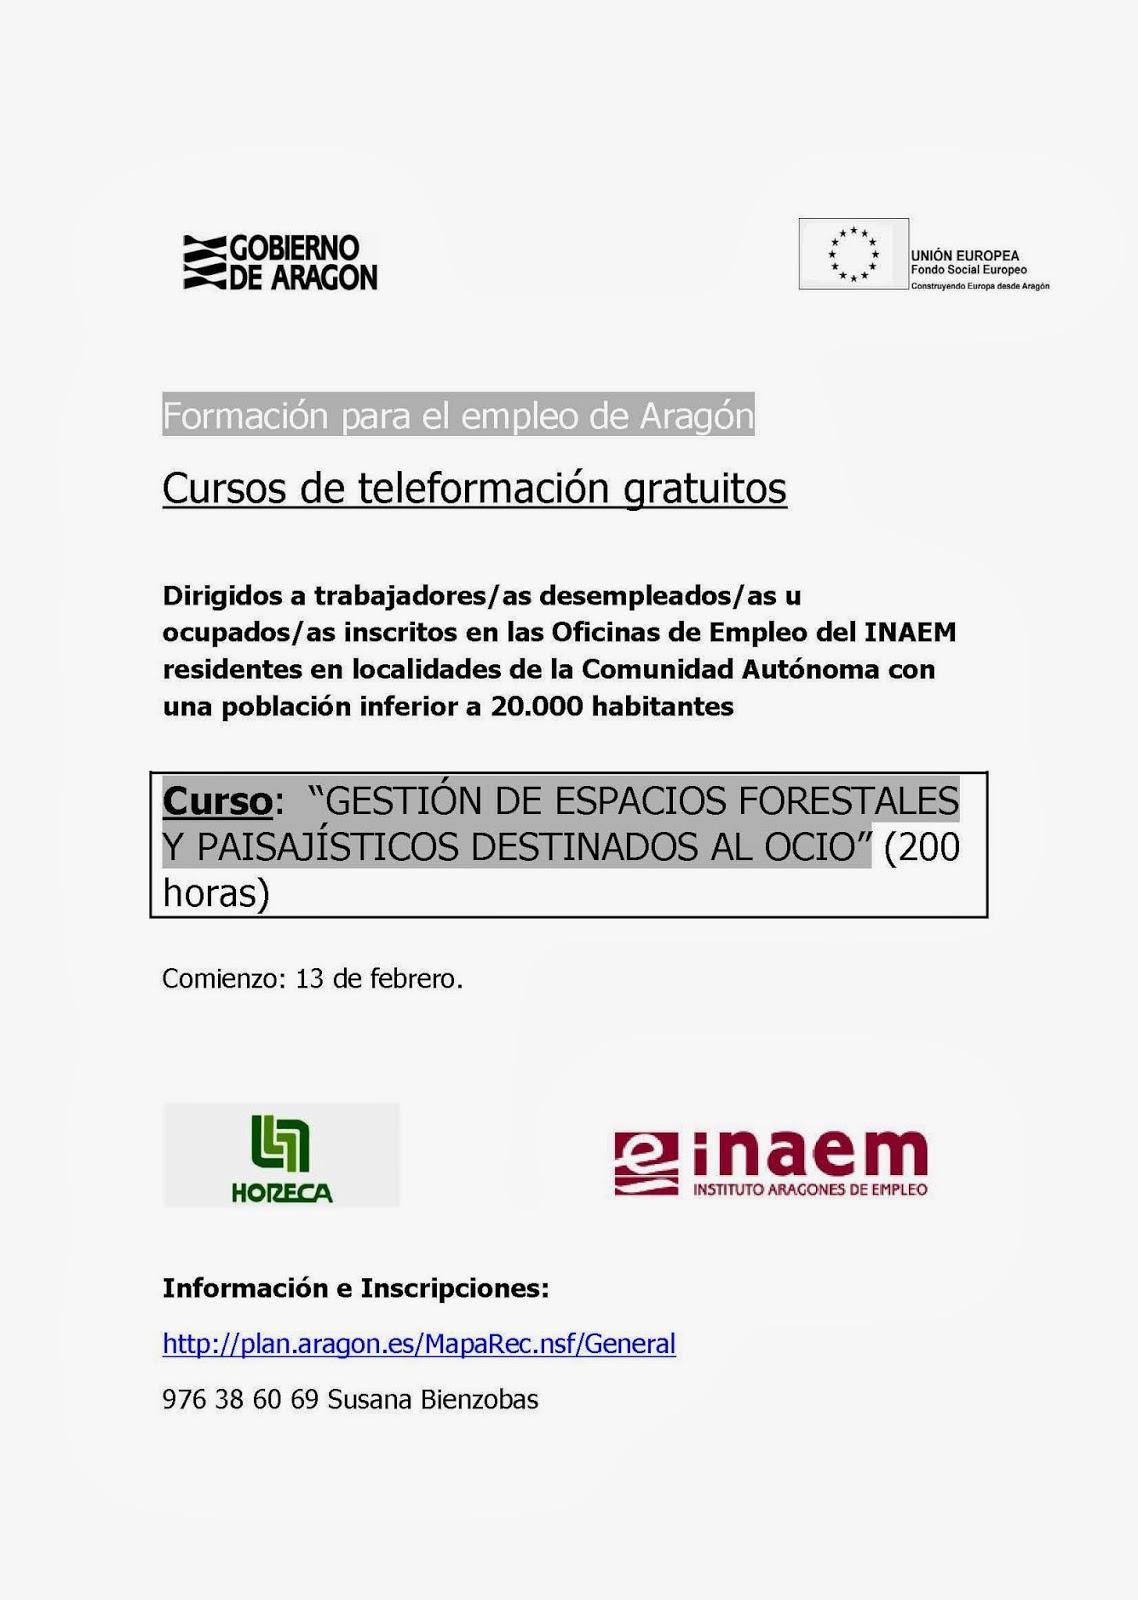 Desarrollo local y empleo en el bajo arag n hco enero 2014 - Gestion de espacios ...